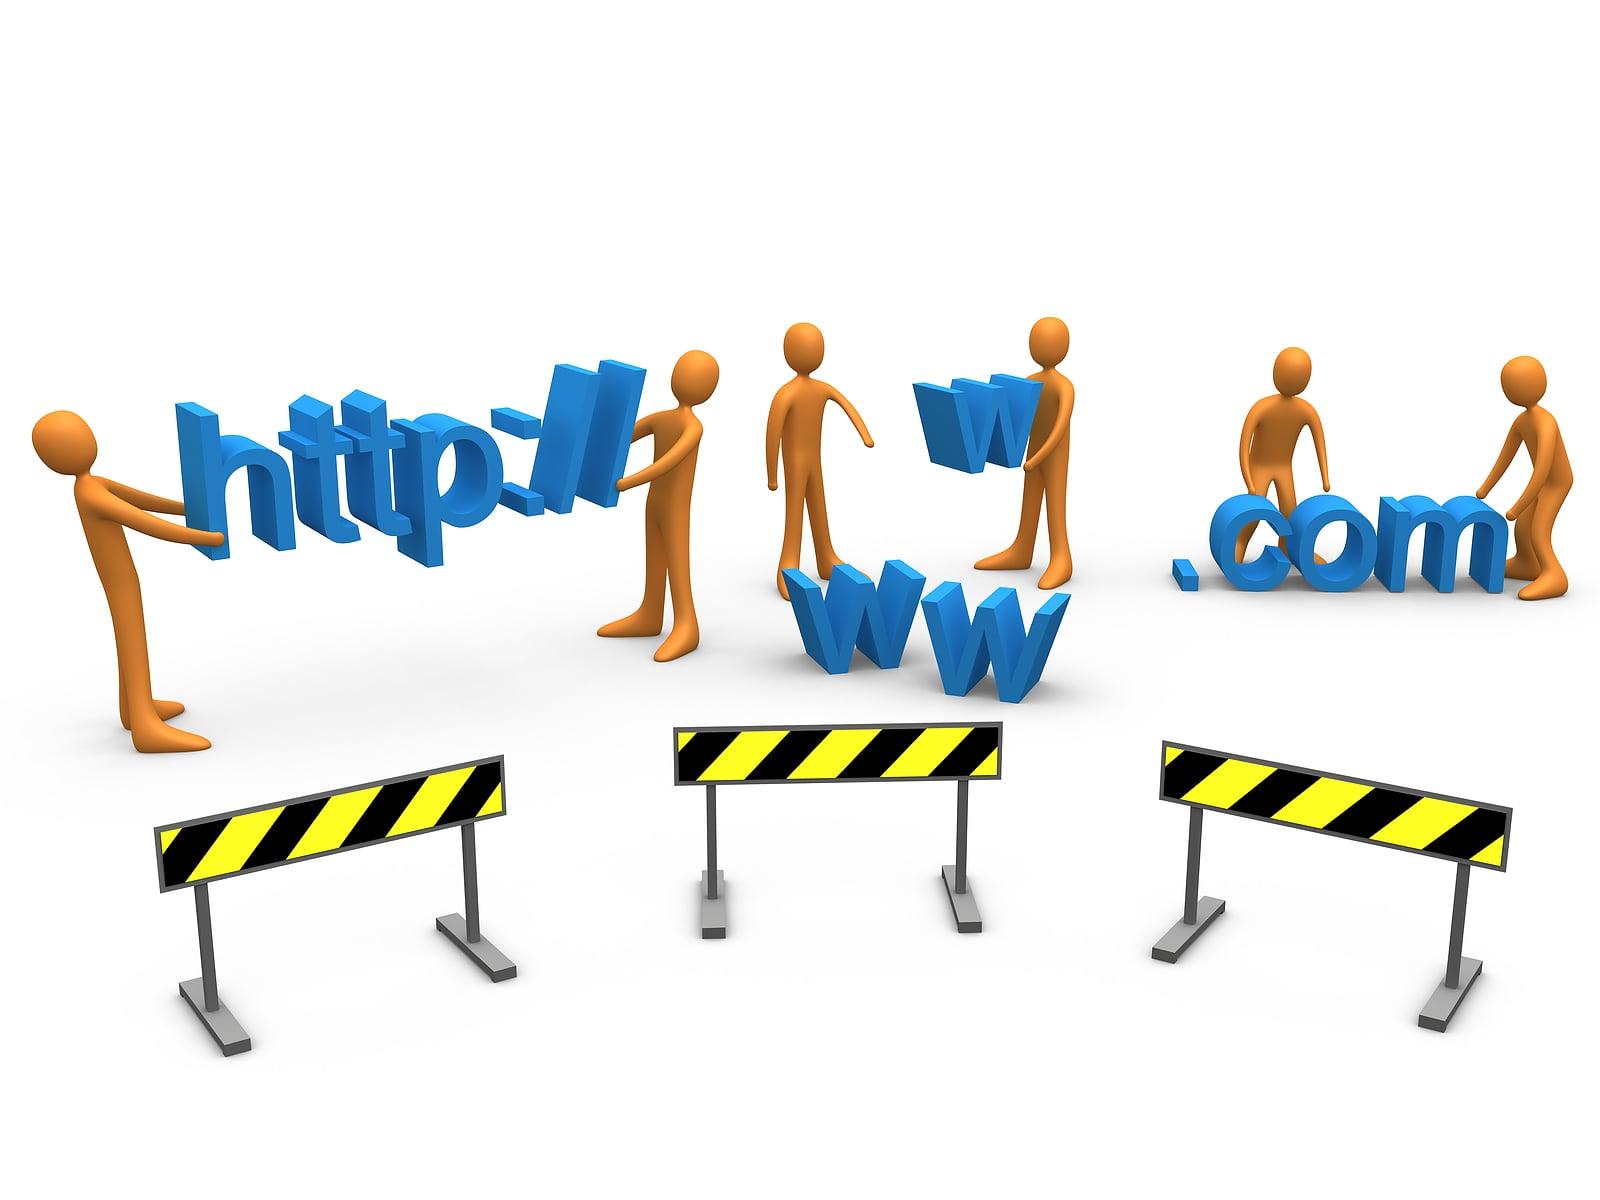 Как снять готовый сайт в аренду посредников. Готовые сайты бесплатно